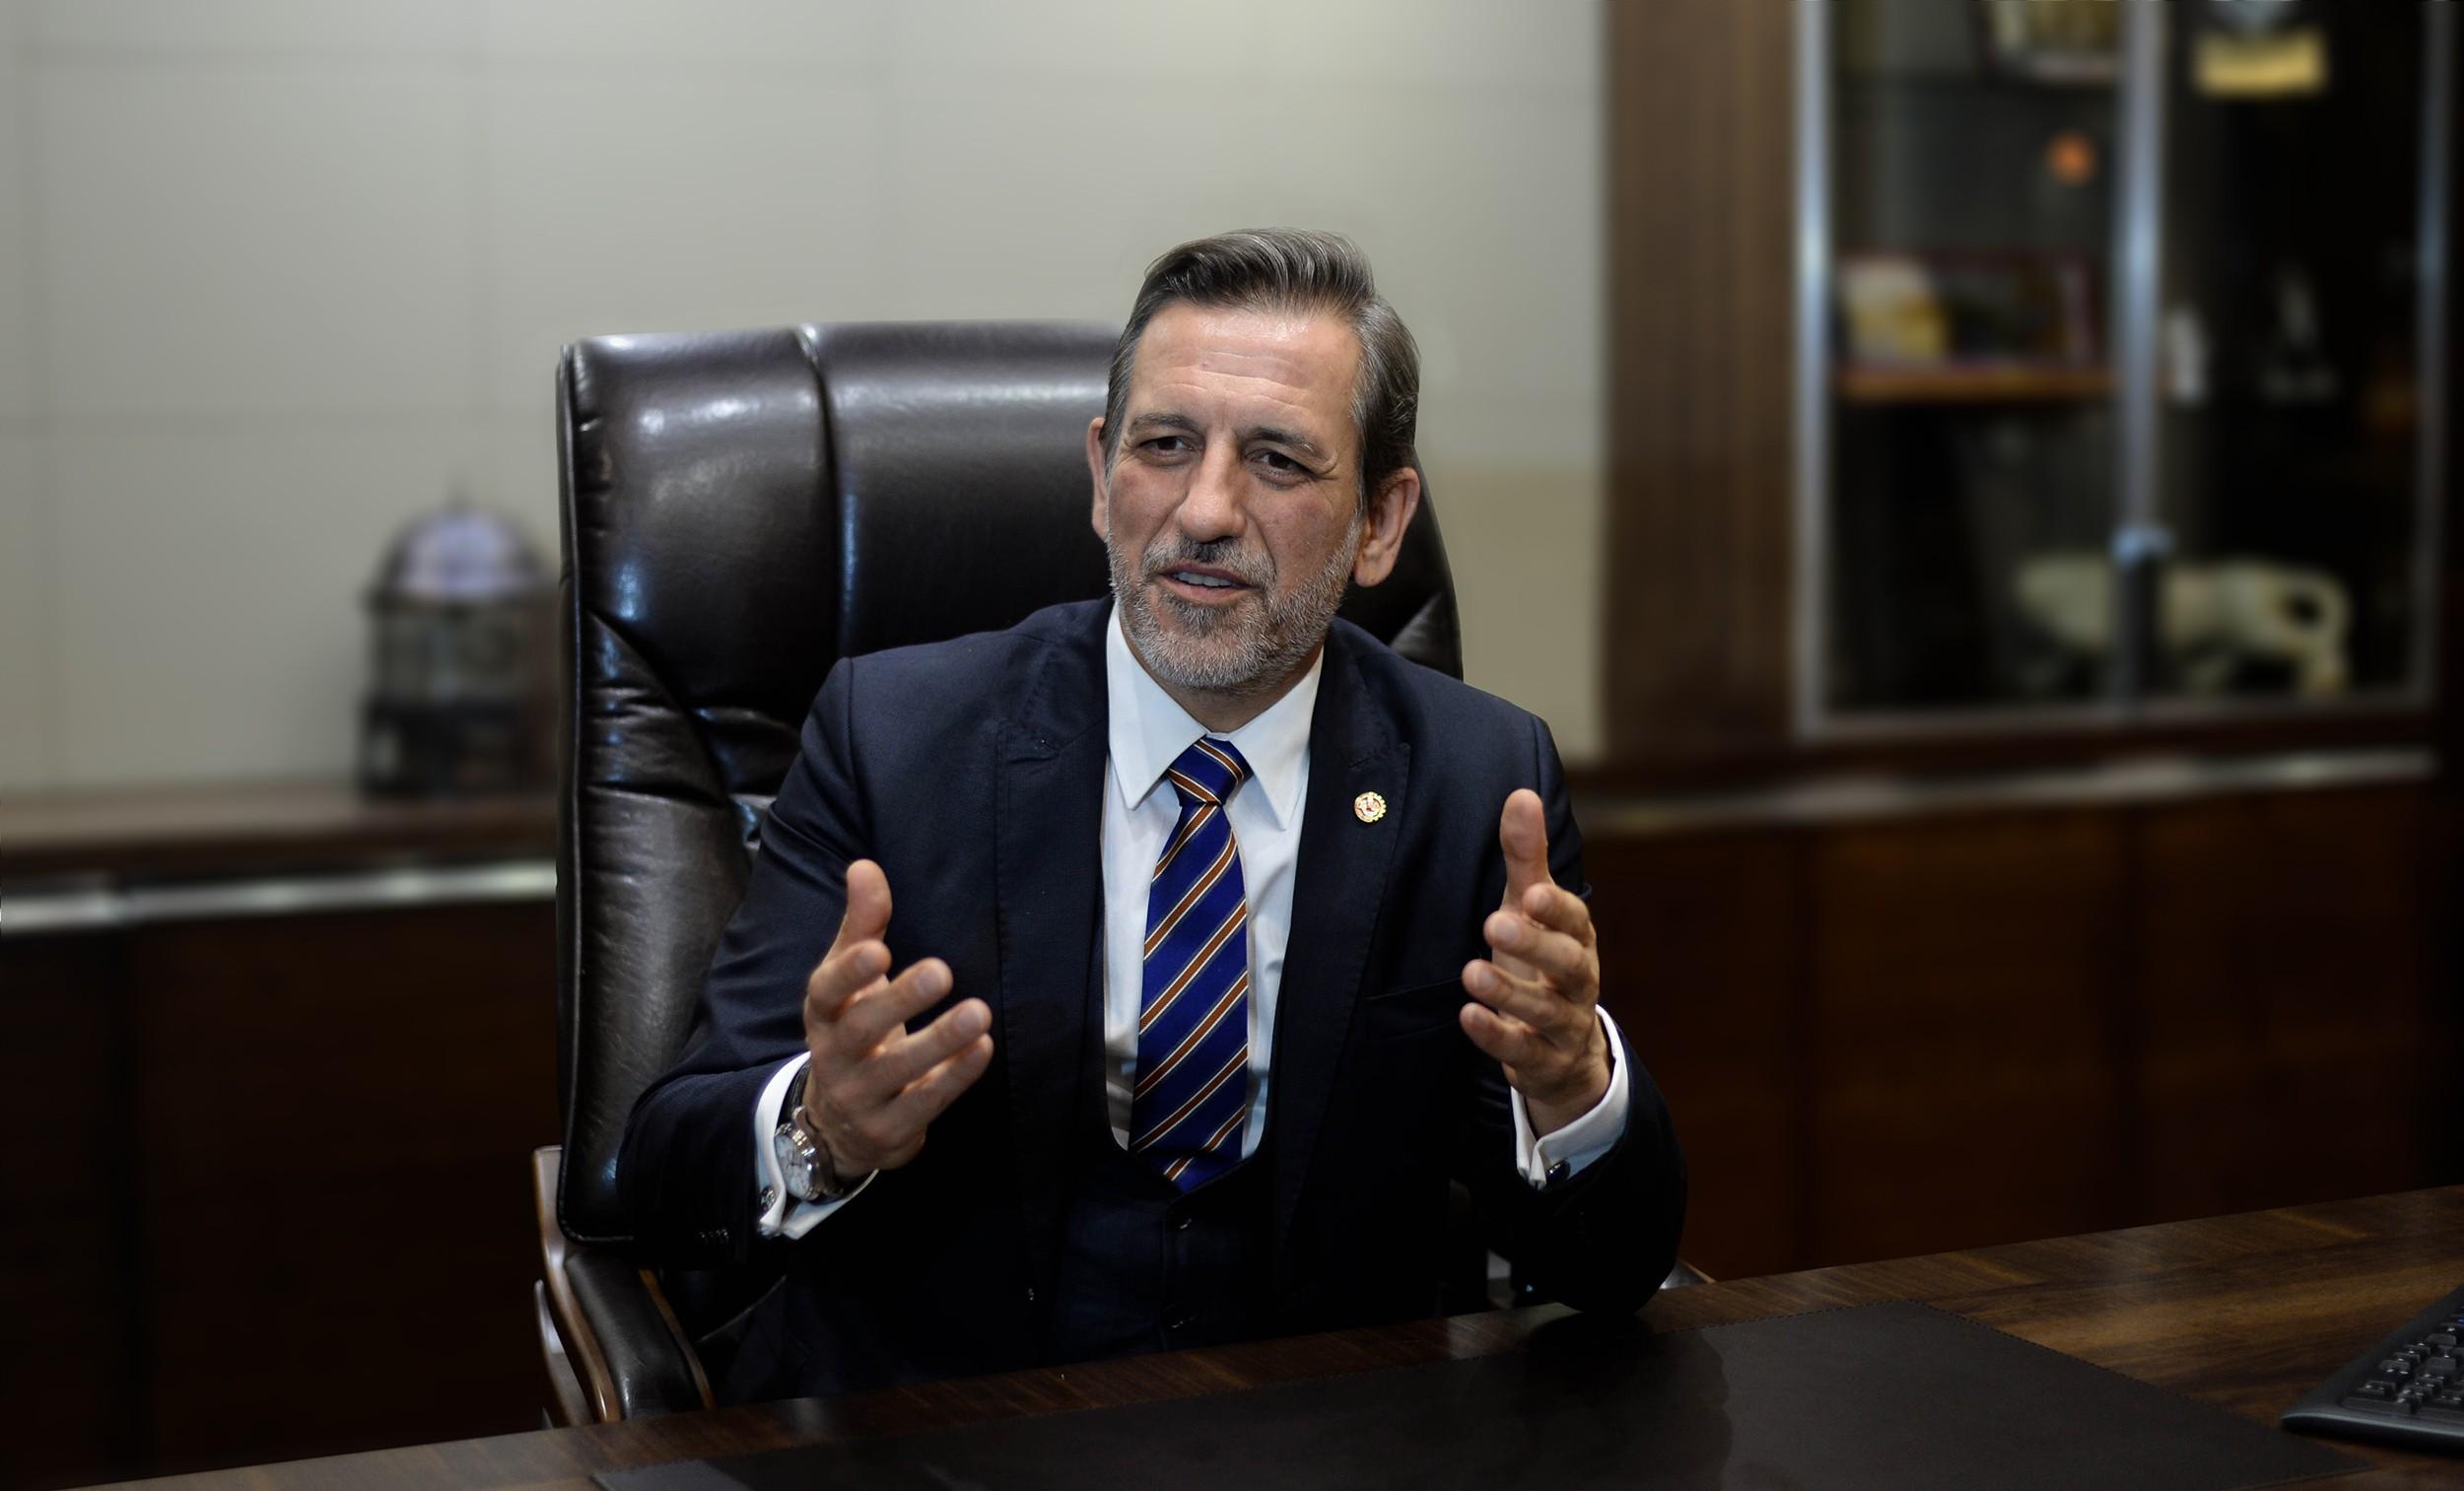 """<p>Bursa Ticaret ve Sanayi Odası (BTSO) Yönetim Kurulu Başkanı İbrahim Burkay, ABD'nin Türkiye'ye yönelik yaptırım kararına ilişkin, """"Türkiye'yi tam bağımsız savunma sanayi hedeflerinden hiçbir güç alıkoyamayacaktır. Bursa iş dünyası olarak Cumhurbaşkanı Recep Tayyip Erdoğan'ın liderliğinde daha güçlü bir savunma sanayisi için çalışmaya ve üretmeye yılmadan devam edeceğiz"""" dedi.</p> <p></p> <p>BTSO Başkanı İbrahim Burkay, ABD'nin Cumhurbaşkanlığı Savunma Sanayii Başkanı Prof. Dr. İsmail Demir ve Savunma Sanayii Başkanlığı'na yönelik yaptırım kararına ilişkin açıklamalarda bulundu. ABD'nin tek taraflı yaptırım kararının iki ülke arasındaki dostluk ve güven ilişkilerine aykırı olduğunu belirten Başkan Burkay, sorunların diyalog ve diplomasi yoluyla çözülmesi gerektiğini vurguladı. ABD'nin haksız yaptırım kararının Türk savunma sanayisinin gelişimini engelleyemeyeceğini ifade eden Başkan Burkay, şöyle devam etti: """"Savunma ve güvenliğe yönelik ihtiyaçların yerli imkanlar ve milli teknolojilerle karşılanması hedefiyle BTSO olarak dün olduğu gibi bugün de tüm imkanlarımızı seferber etmeye hazırız. Ülkemizi tam bağımsız savunma sanayi hedeflerinden hiçbir güç alıkoyamayacaktır. Bursa iş dünyası olarak, Cumhurbaşkanı Recep Tayyip Erdoğan'ın liderliğinde daha güçlü bir savunma sanayi için çalışmaya ve üretmeye yılmadan devam edeceğiz.""""</p> <p></p> <p>Cumhurbaşkanlığı Savunma Sanayii Başkanı Prof. Dr. İsmail Demir ve ekibinin özverili çalışmaları ile Türkiye'nin kritik teknolojilerin yerlileştirilmesinde önemli bir mesafe kat ettiğini belirten Başkan Burkay, savunma sanayi alanında yüzde 20'lerde olan yerlilik oranının yüzde 70'lere ulaştığını kaydetti. Burkay, Türkiye'nin yerli ve milli üretim hamlesinde Savunma Sanayii Başkanlığı'nın KOBİ'ler ve yan sanayi kuruluşları ile işbirliğinin büyük rol oynadığını belirterek, """"Ülkemiz savunma sanayisinde artık sadece kendi kendine yeten bir ülke değil, Azerbaycan'dan Pakistan'a kadar tüm dost ve müttefik ülkelerin ihtiyaçlarına da ç"""